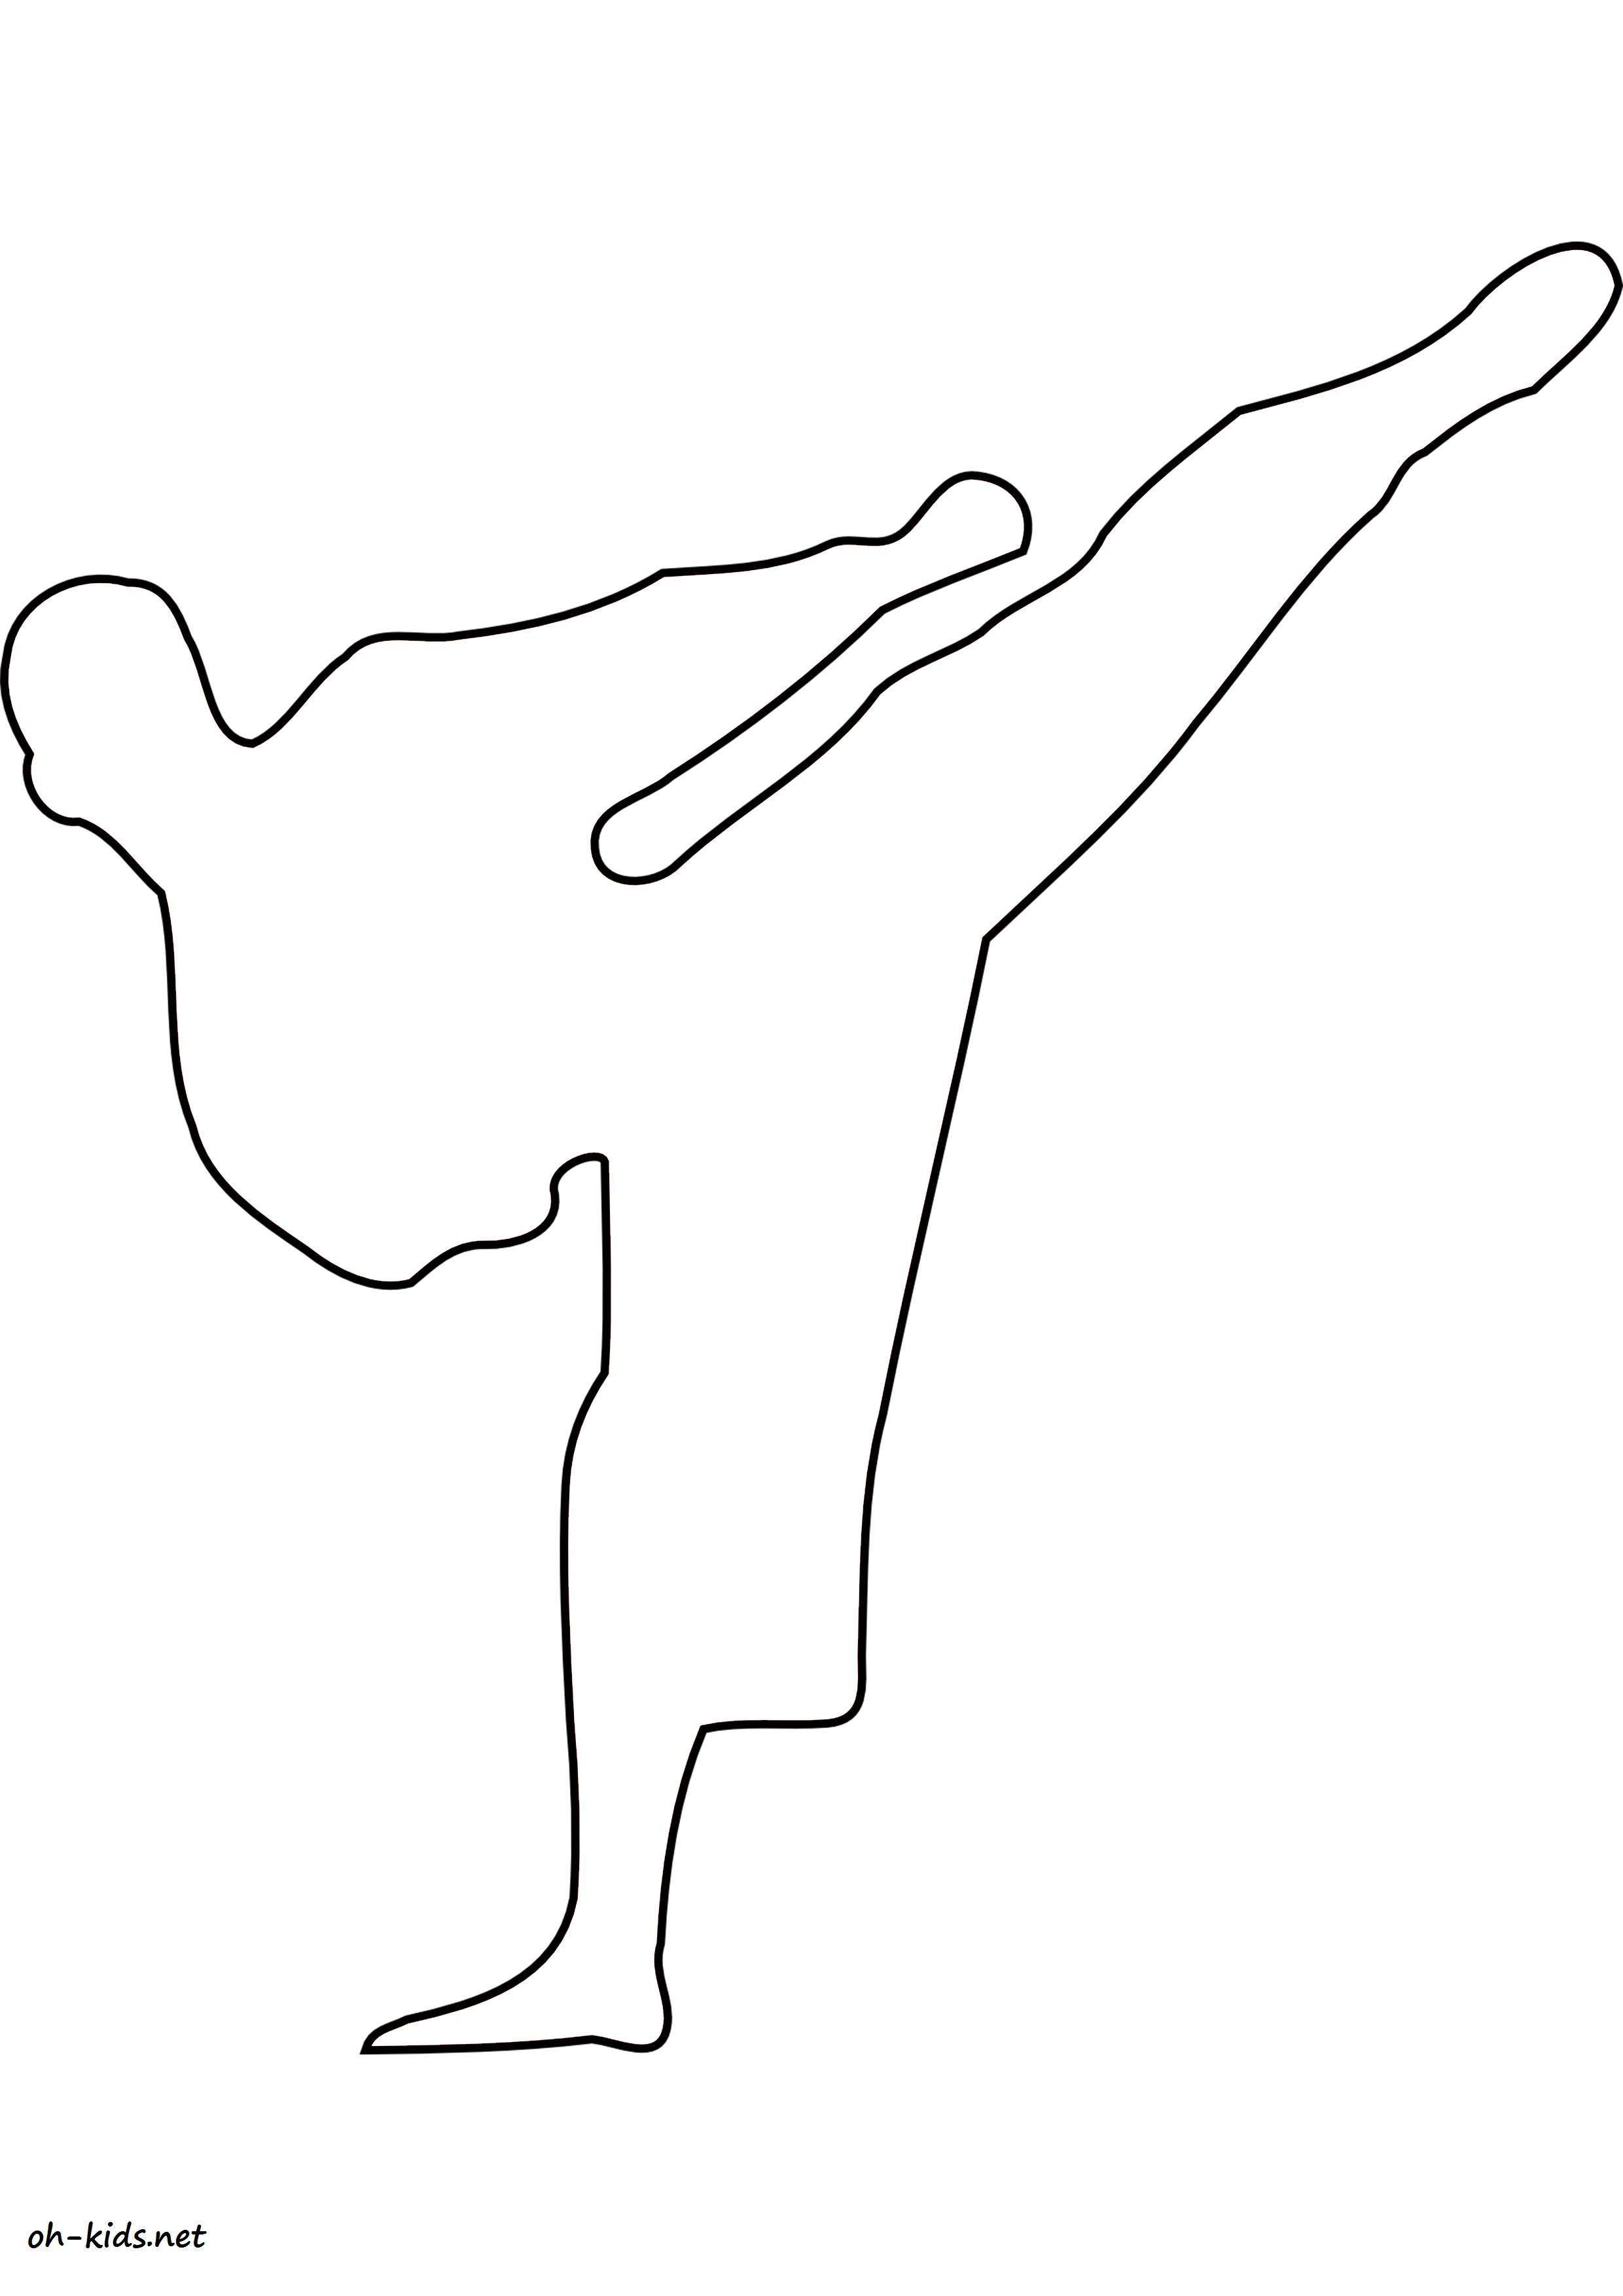 dessin de judo - Dessin #1386